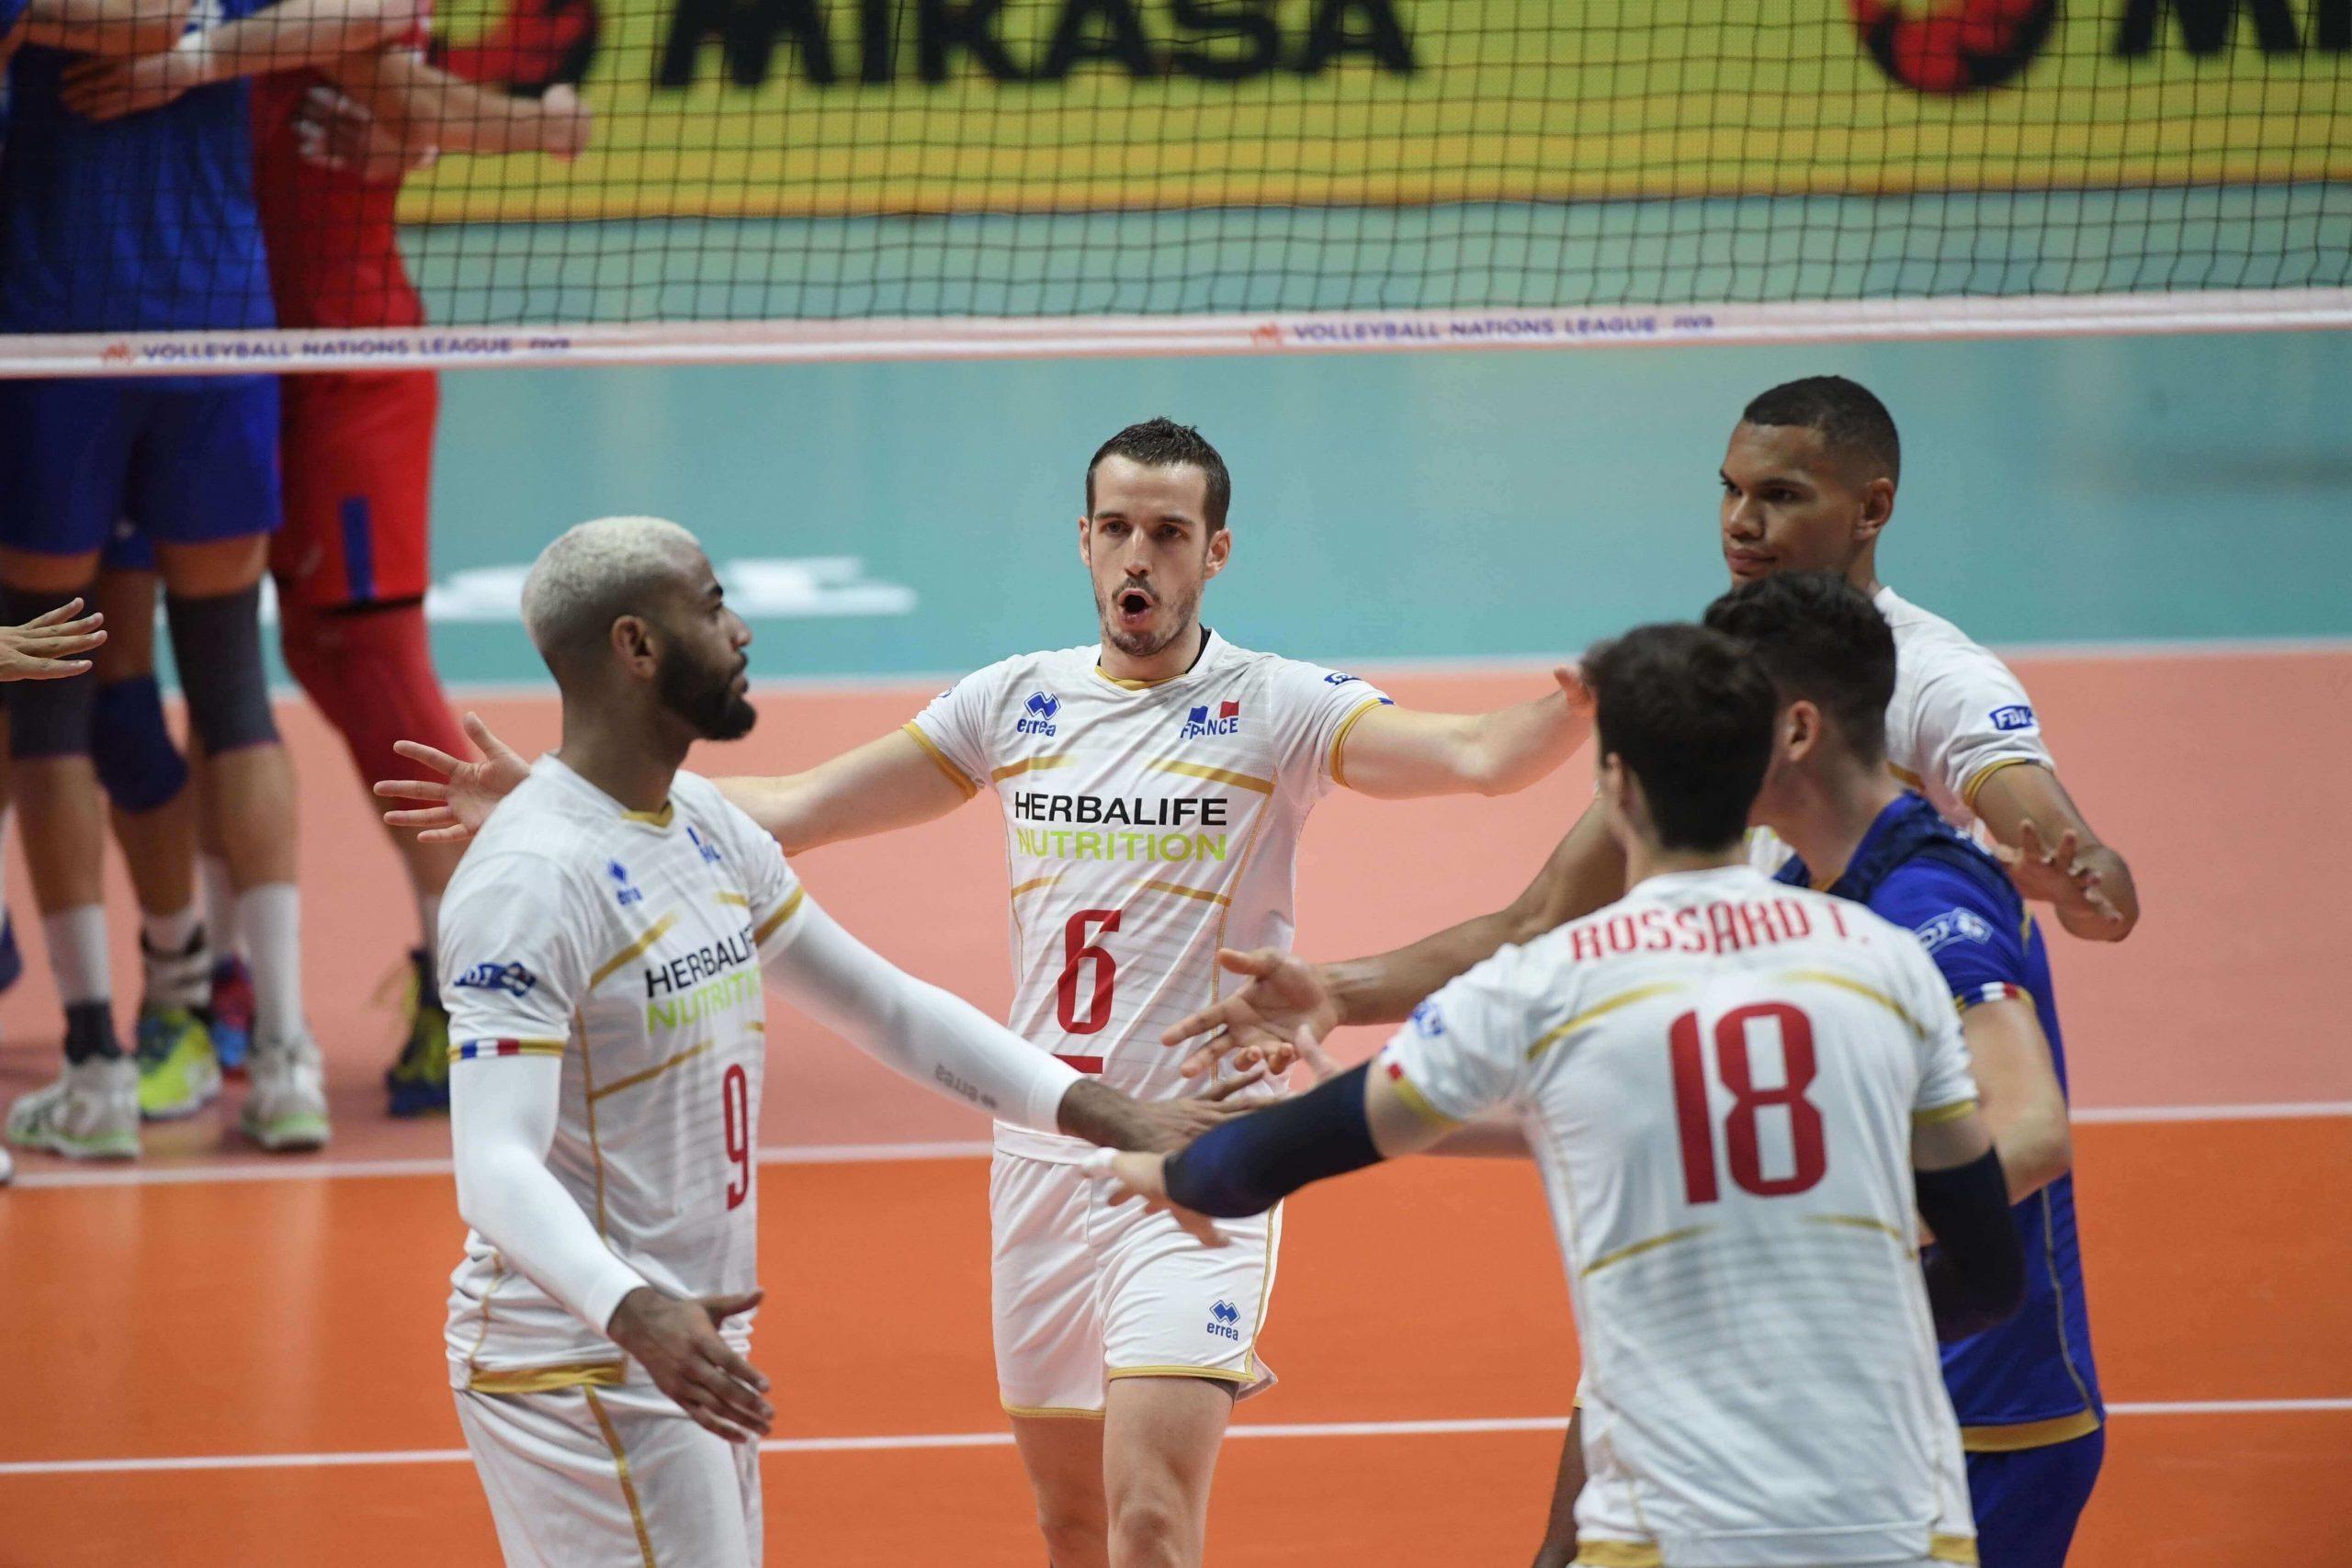 Volley : La France est en demi-finale des Jeux Olympiques